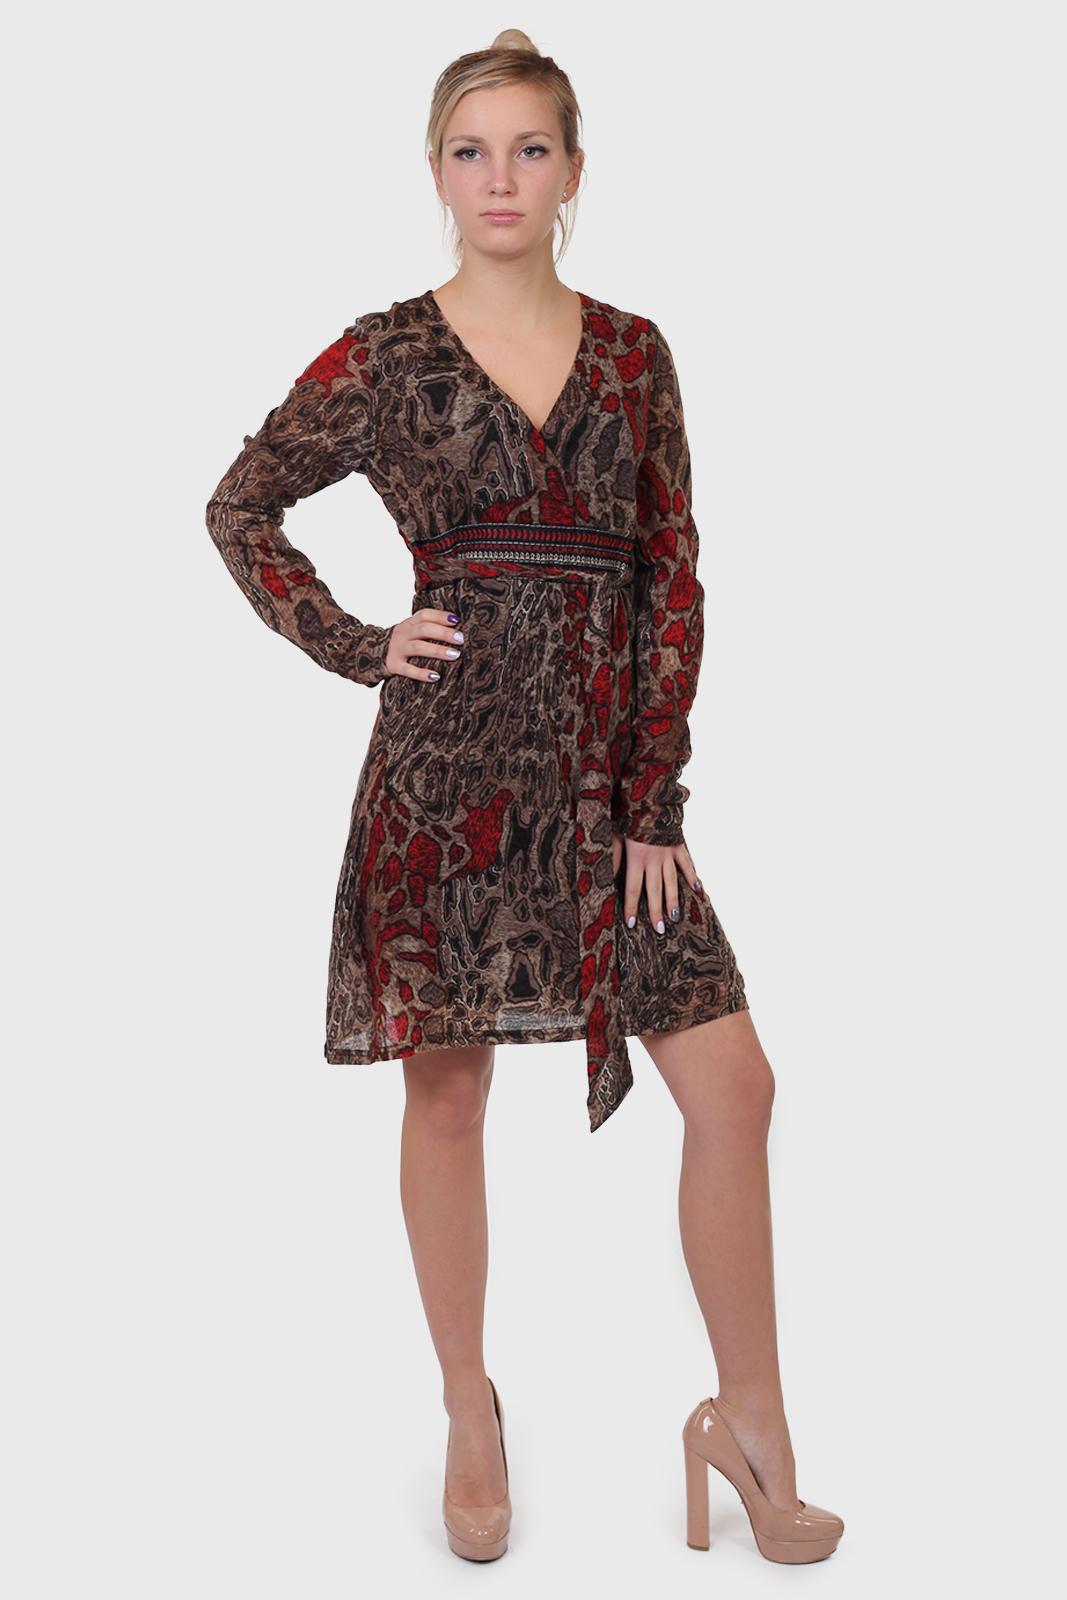 Продаем красивые женские платья из коллекции RANA